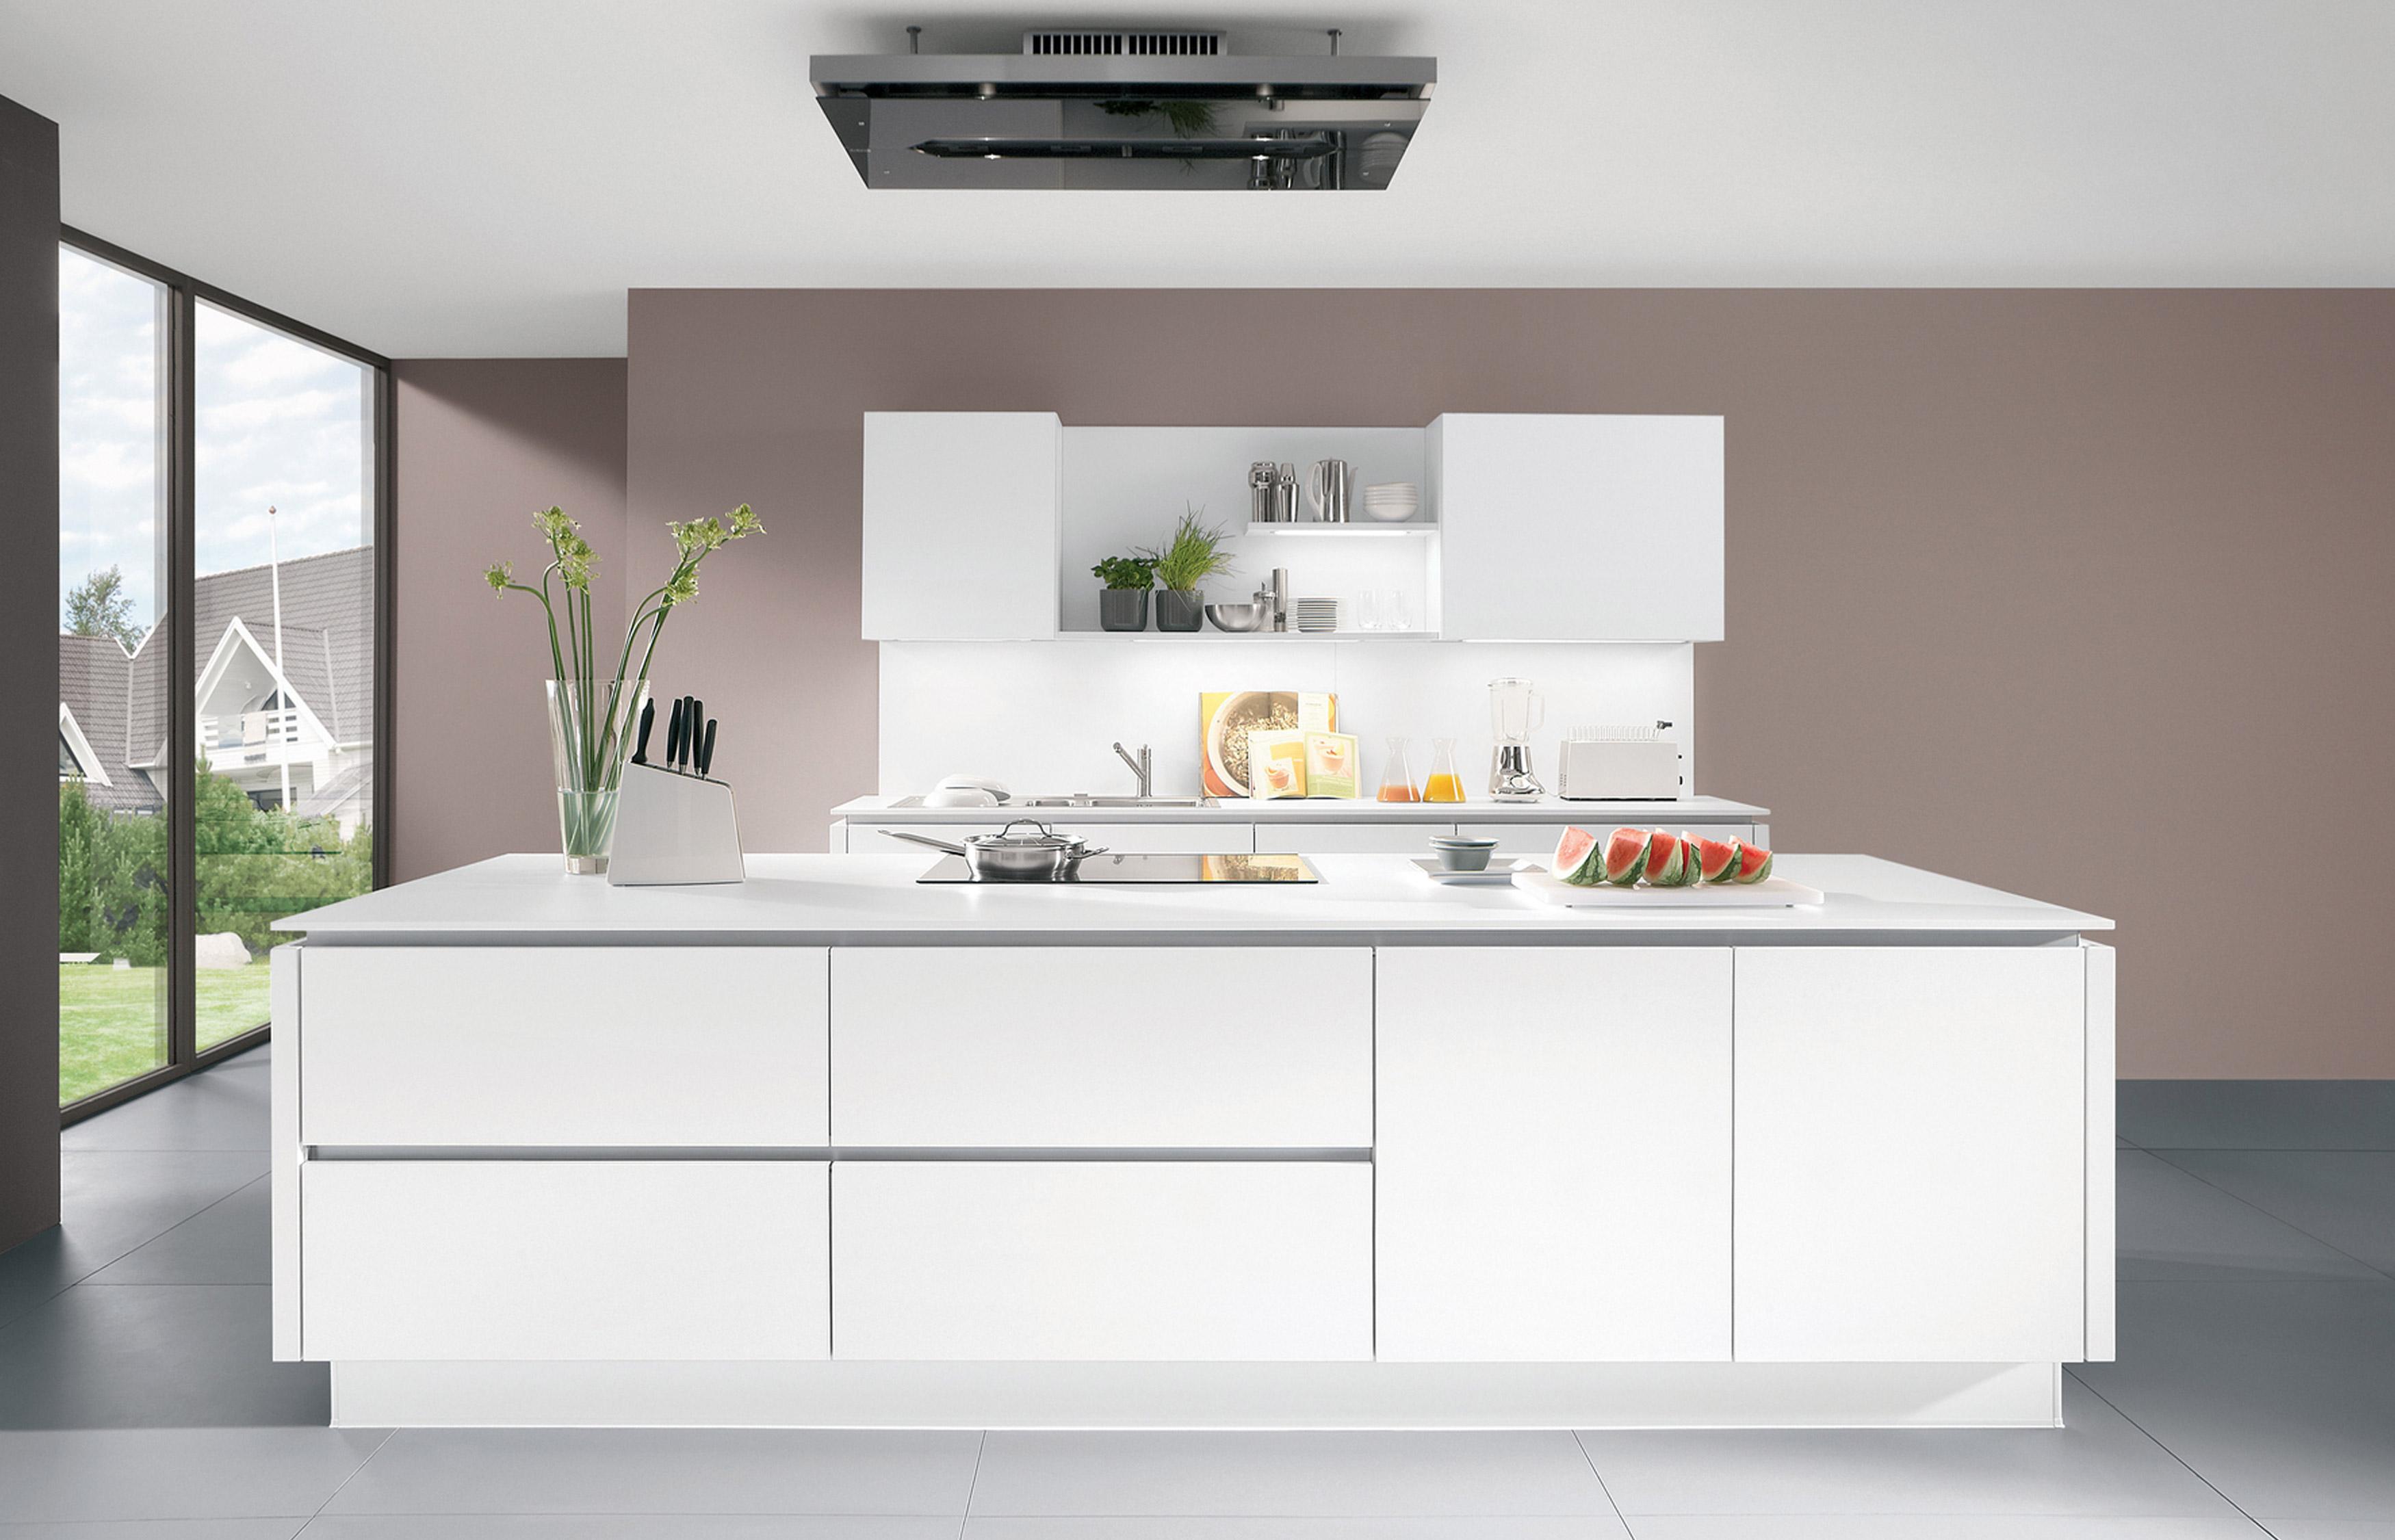 Cocinas modernas archivos p gina 2 de 2 muebles de for Simulador de muebles de cocina online